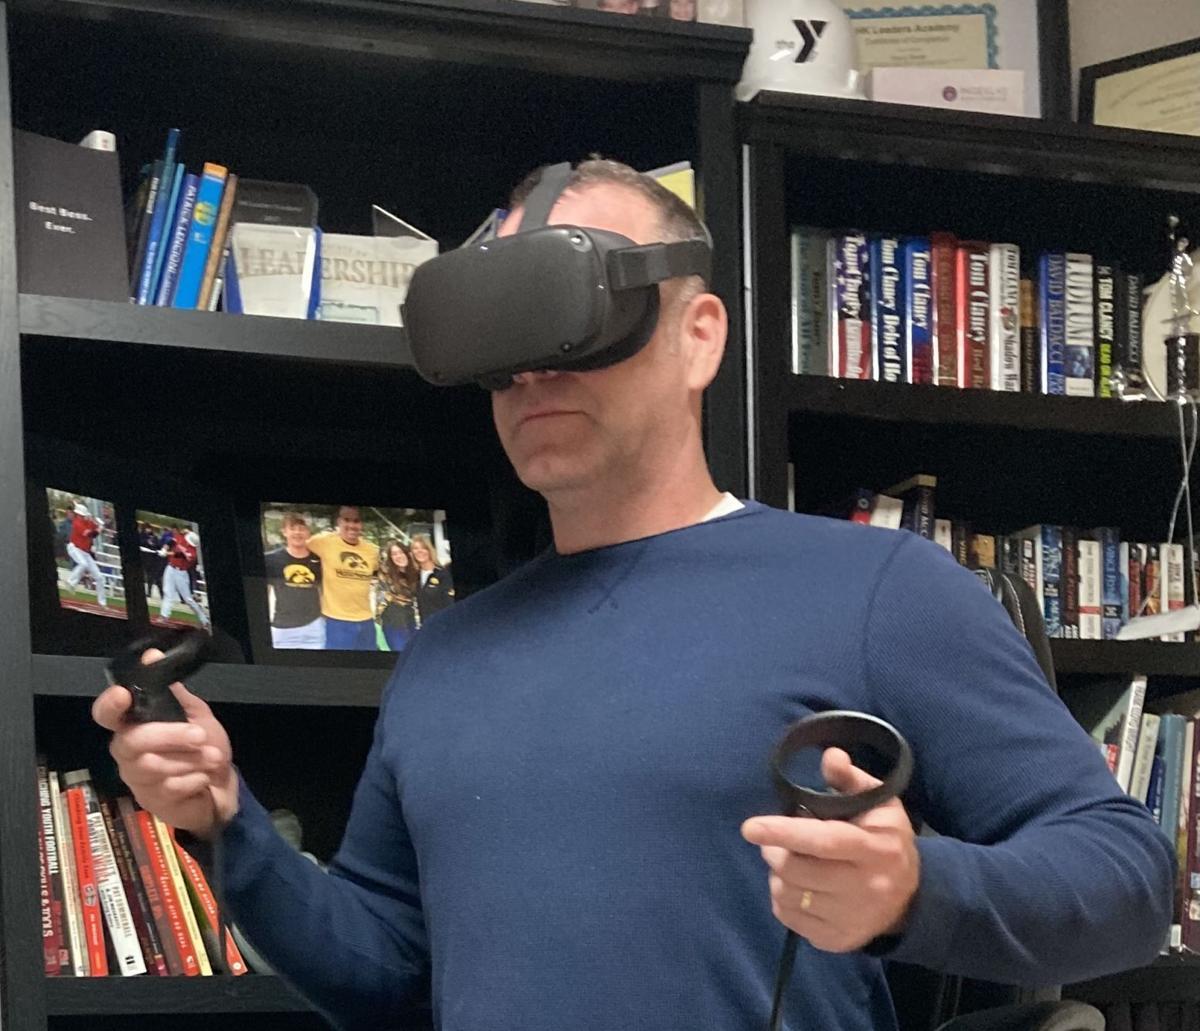 120920-qc-nws-virtualreality